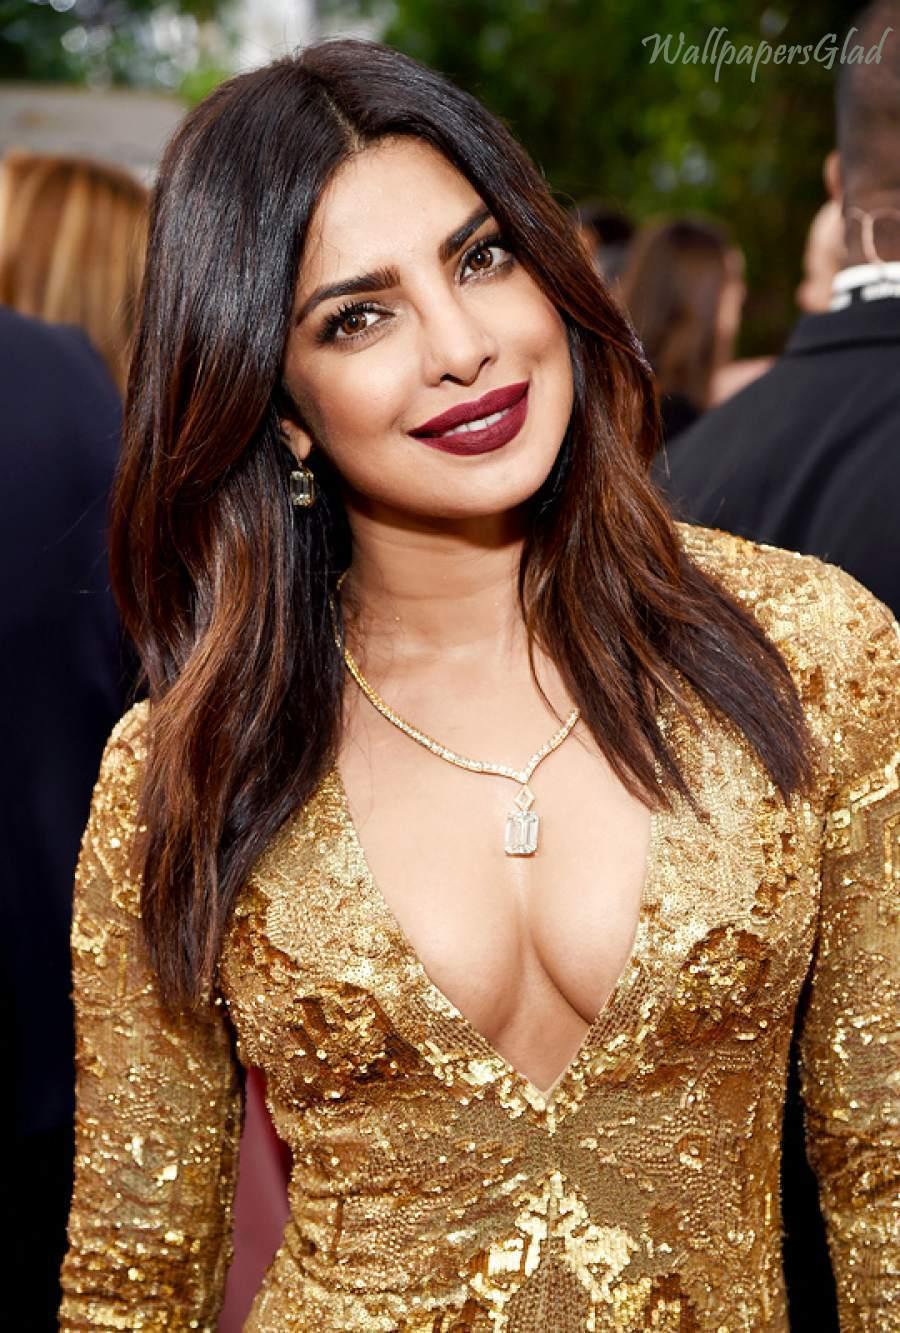 Priyanka Chopra hot photo